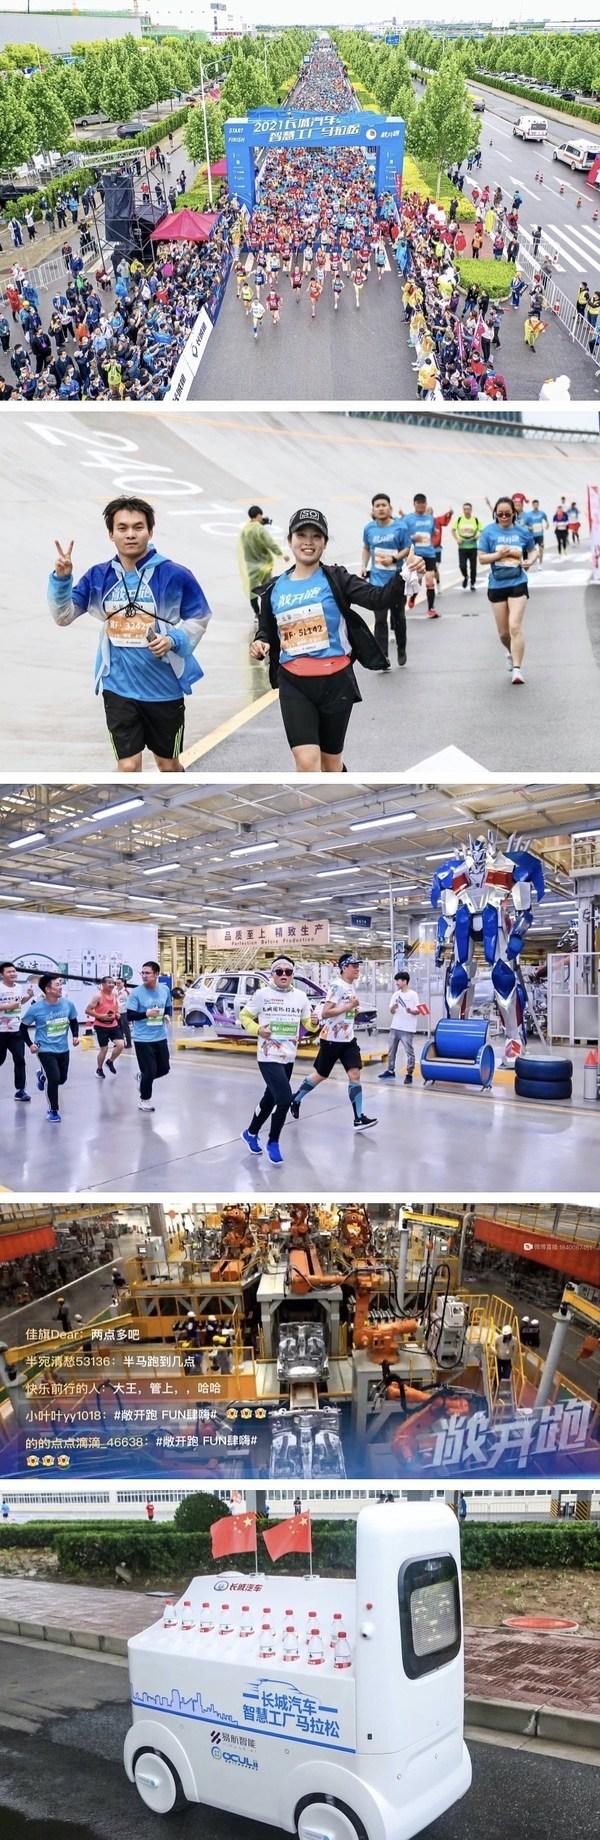 GWM จัดงานวิ่งมาราธอนในโรงงานอัจฉริยะ โชว์ความทันสมัยของบริษัท